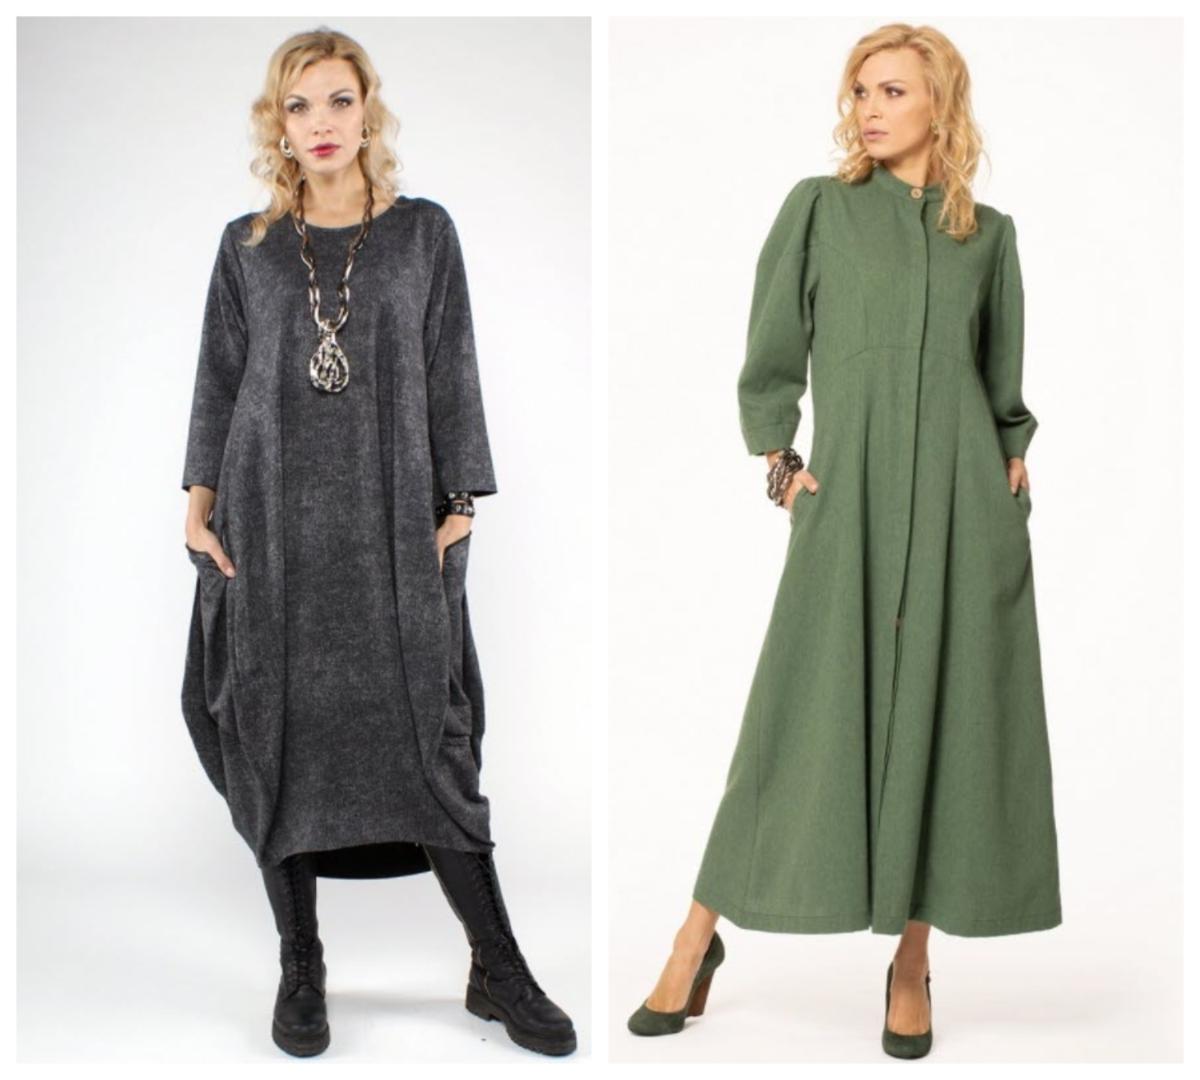 Фото 12, 13 - платья в стиле бохо. ozon.ru